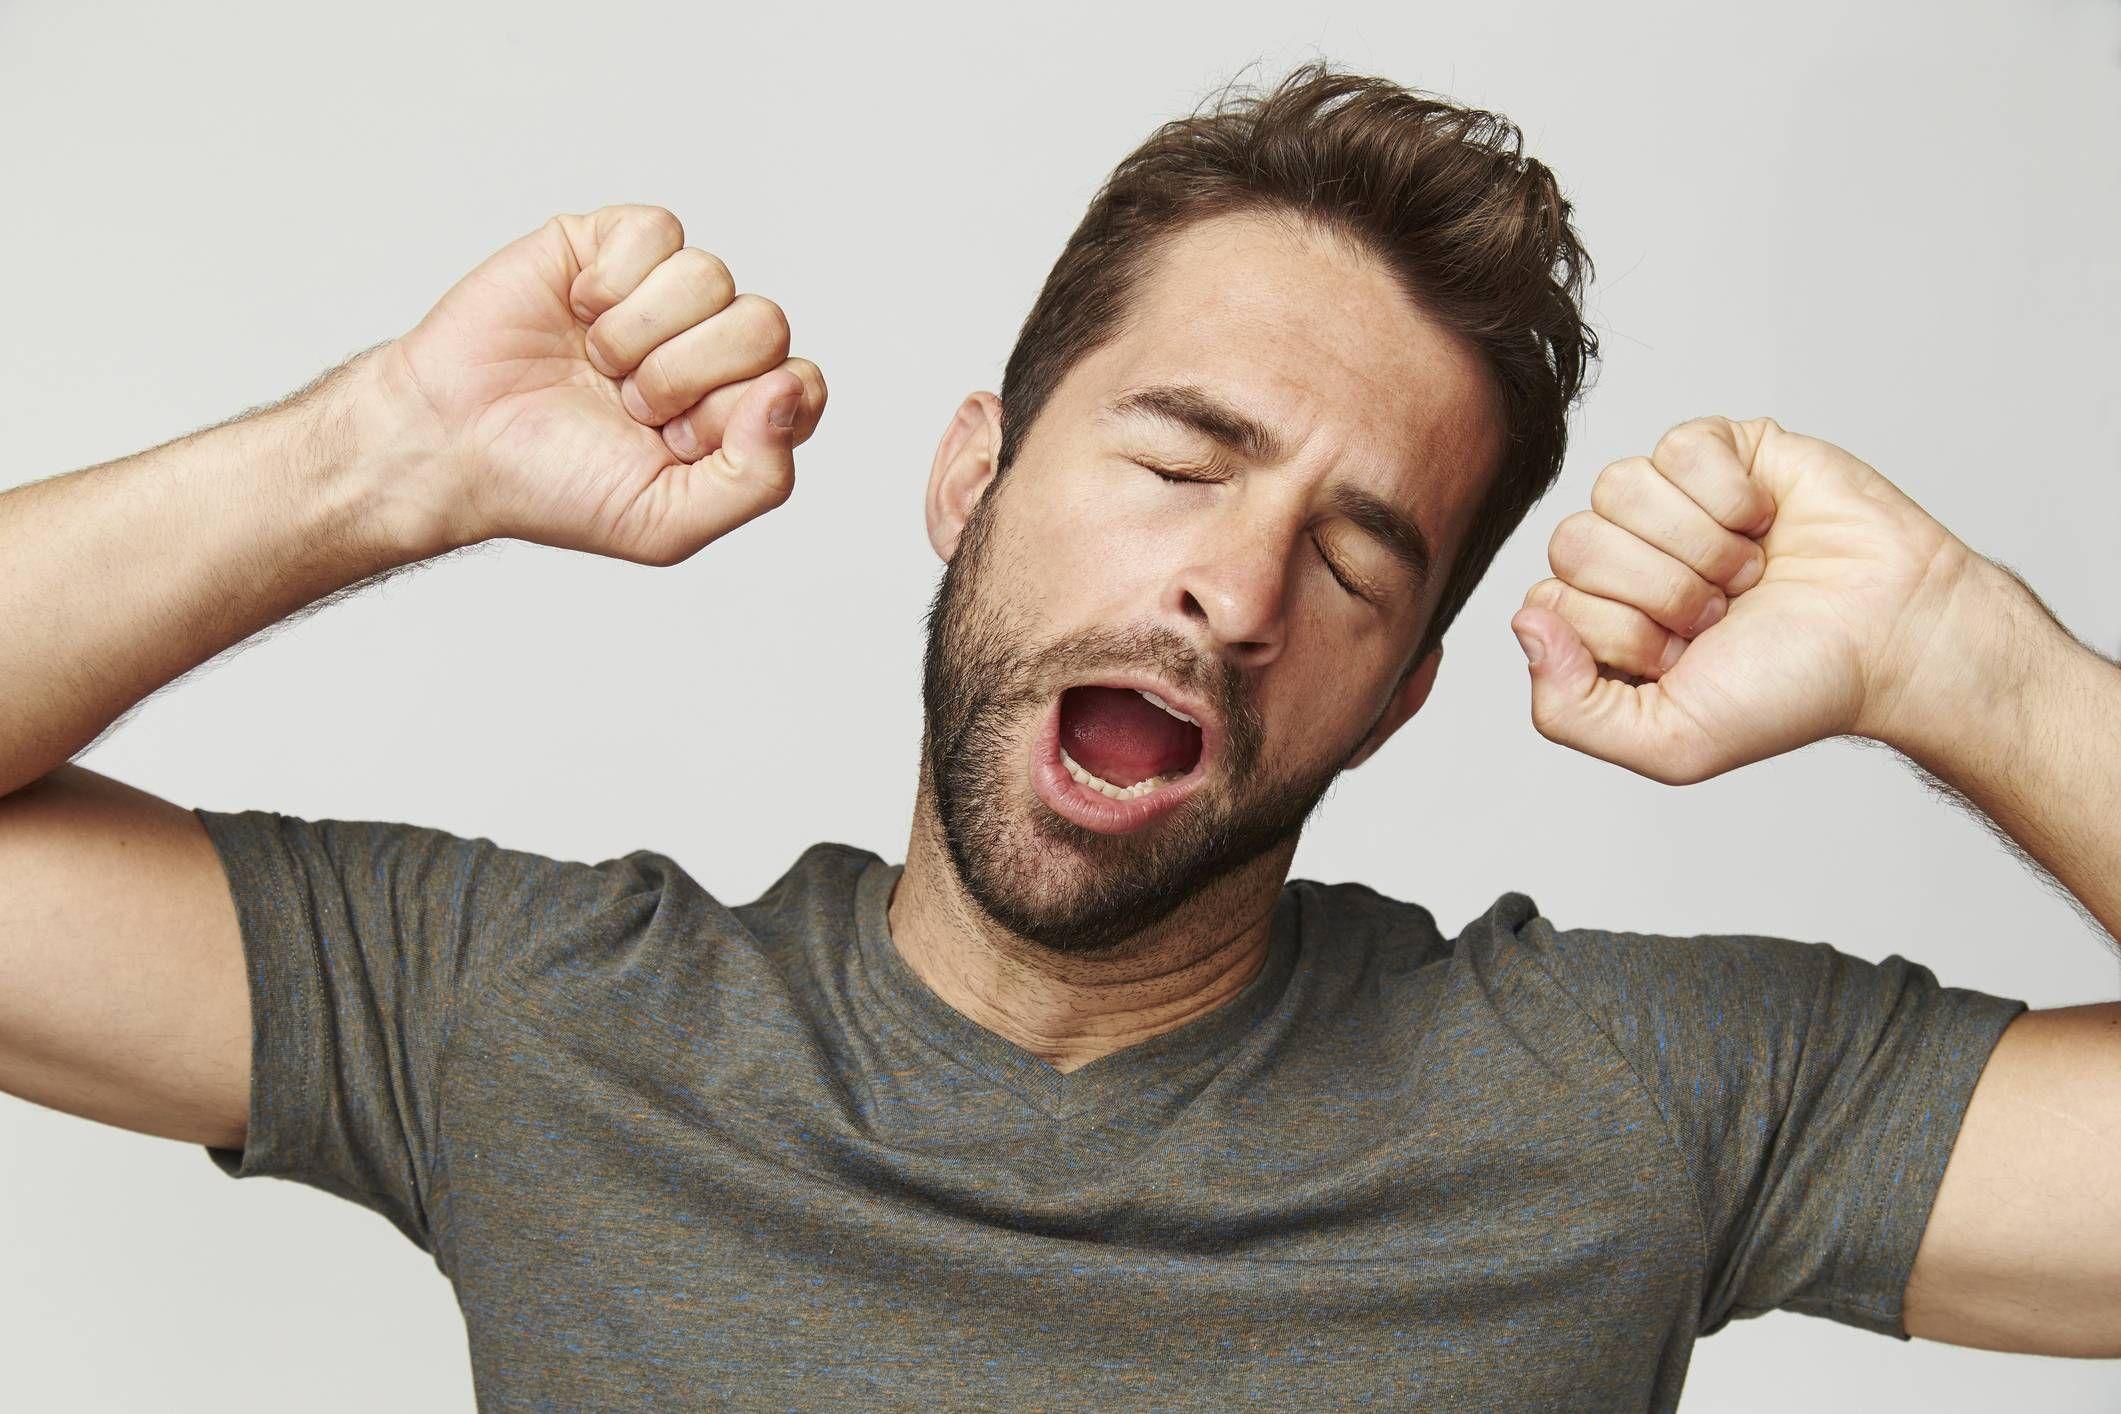 Частая зевота может быть признаком серьёзного заболевания